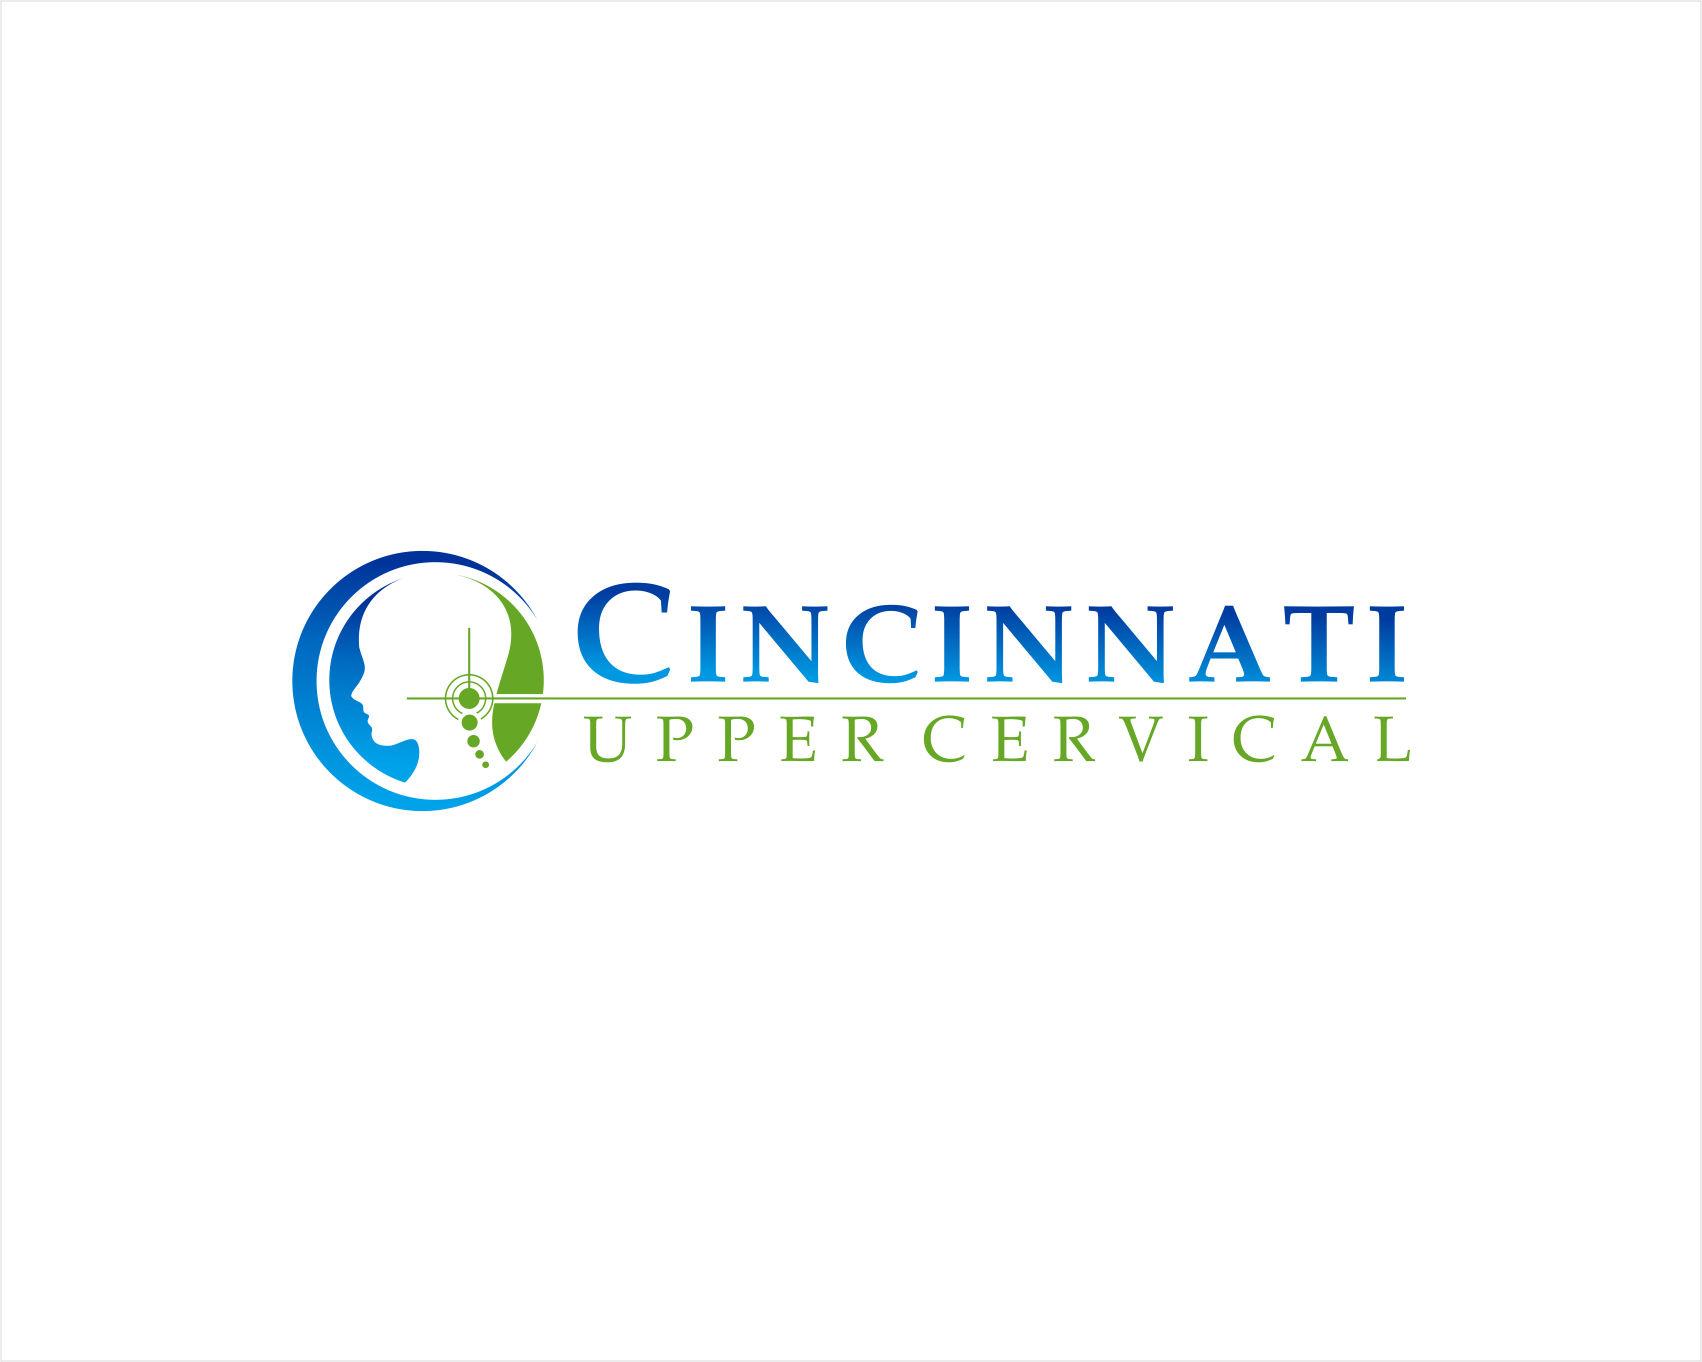 logo design contest for cincinnati upper cervical hatchwise